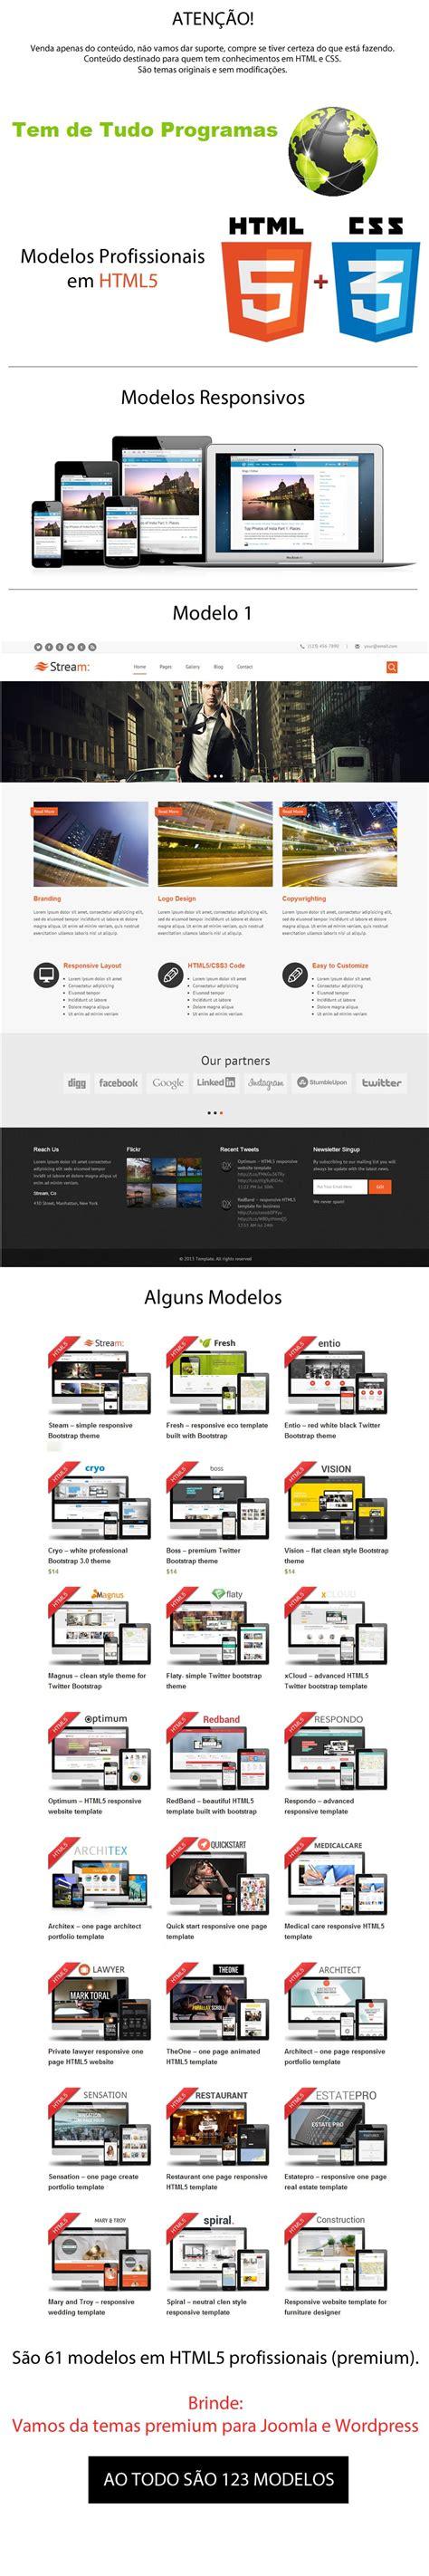 templates prontos em html e css html5 script de sites prontos em html 5 templates em htm